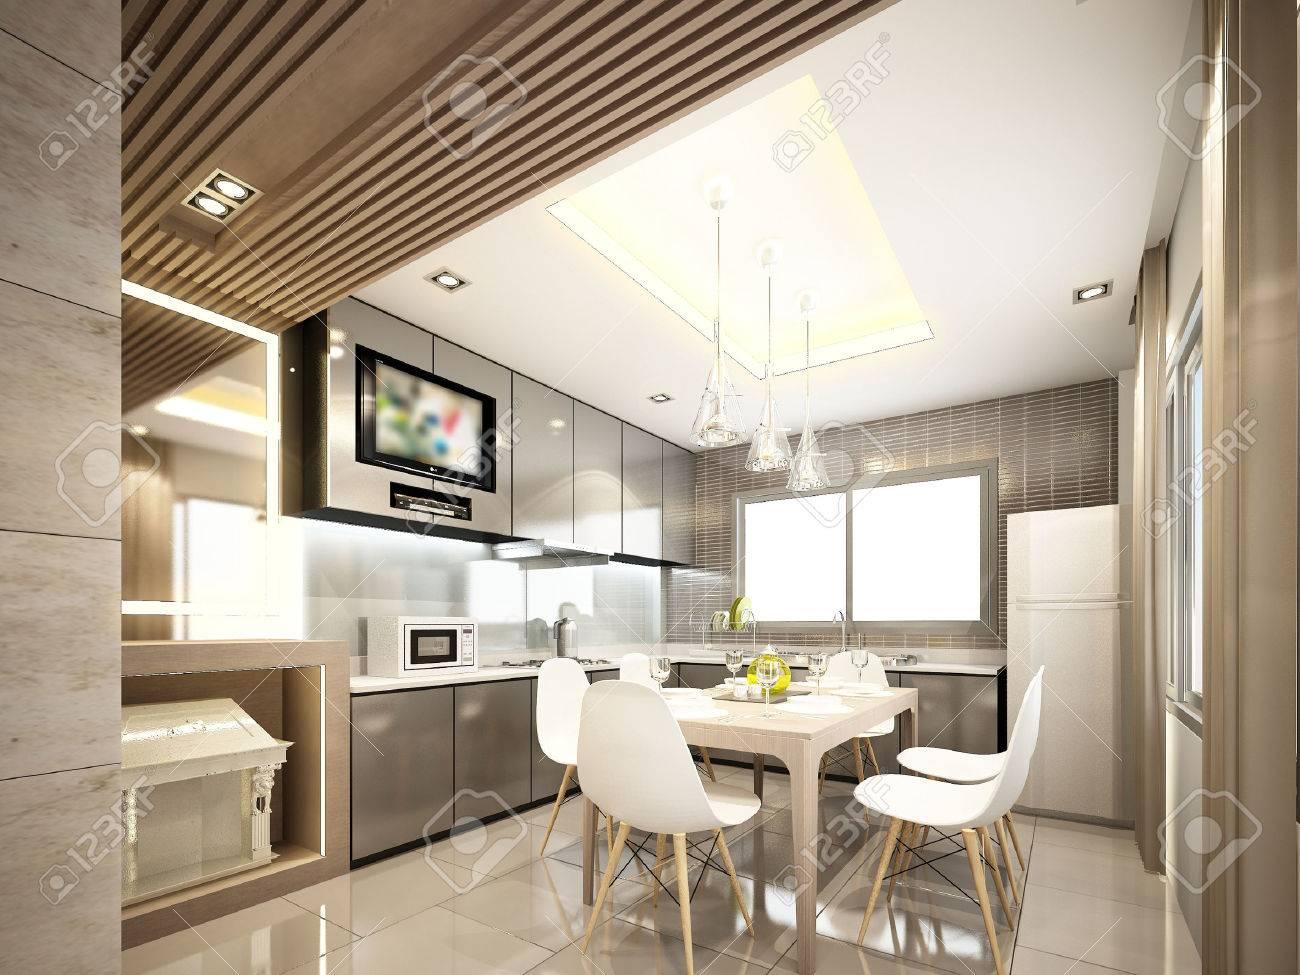 3d design of interior kitchen3d render - 40904592